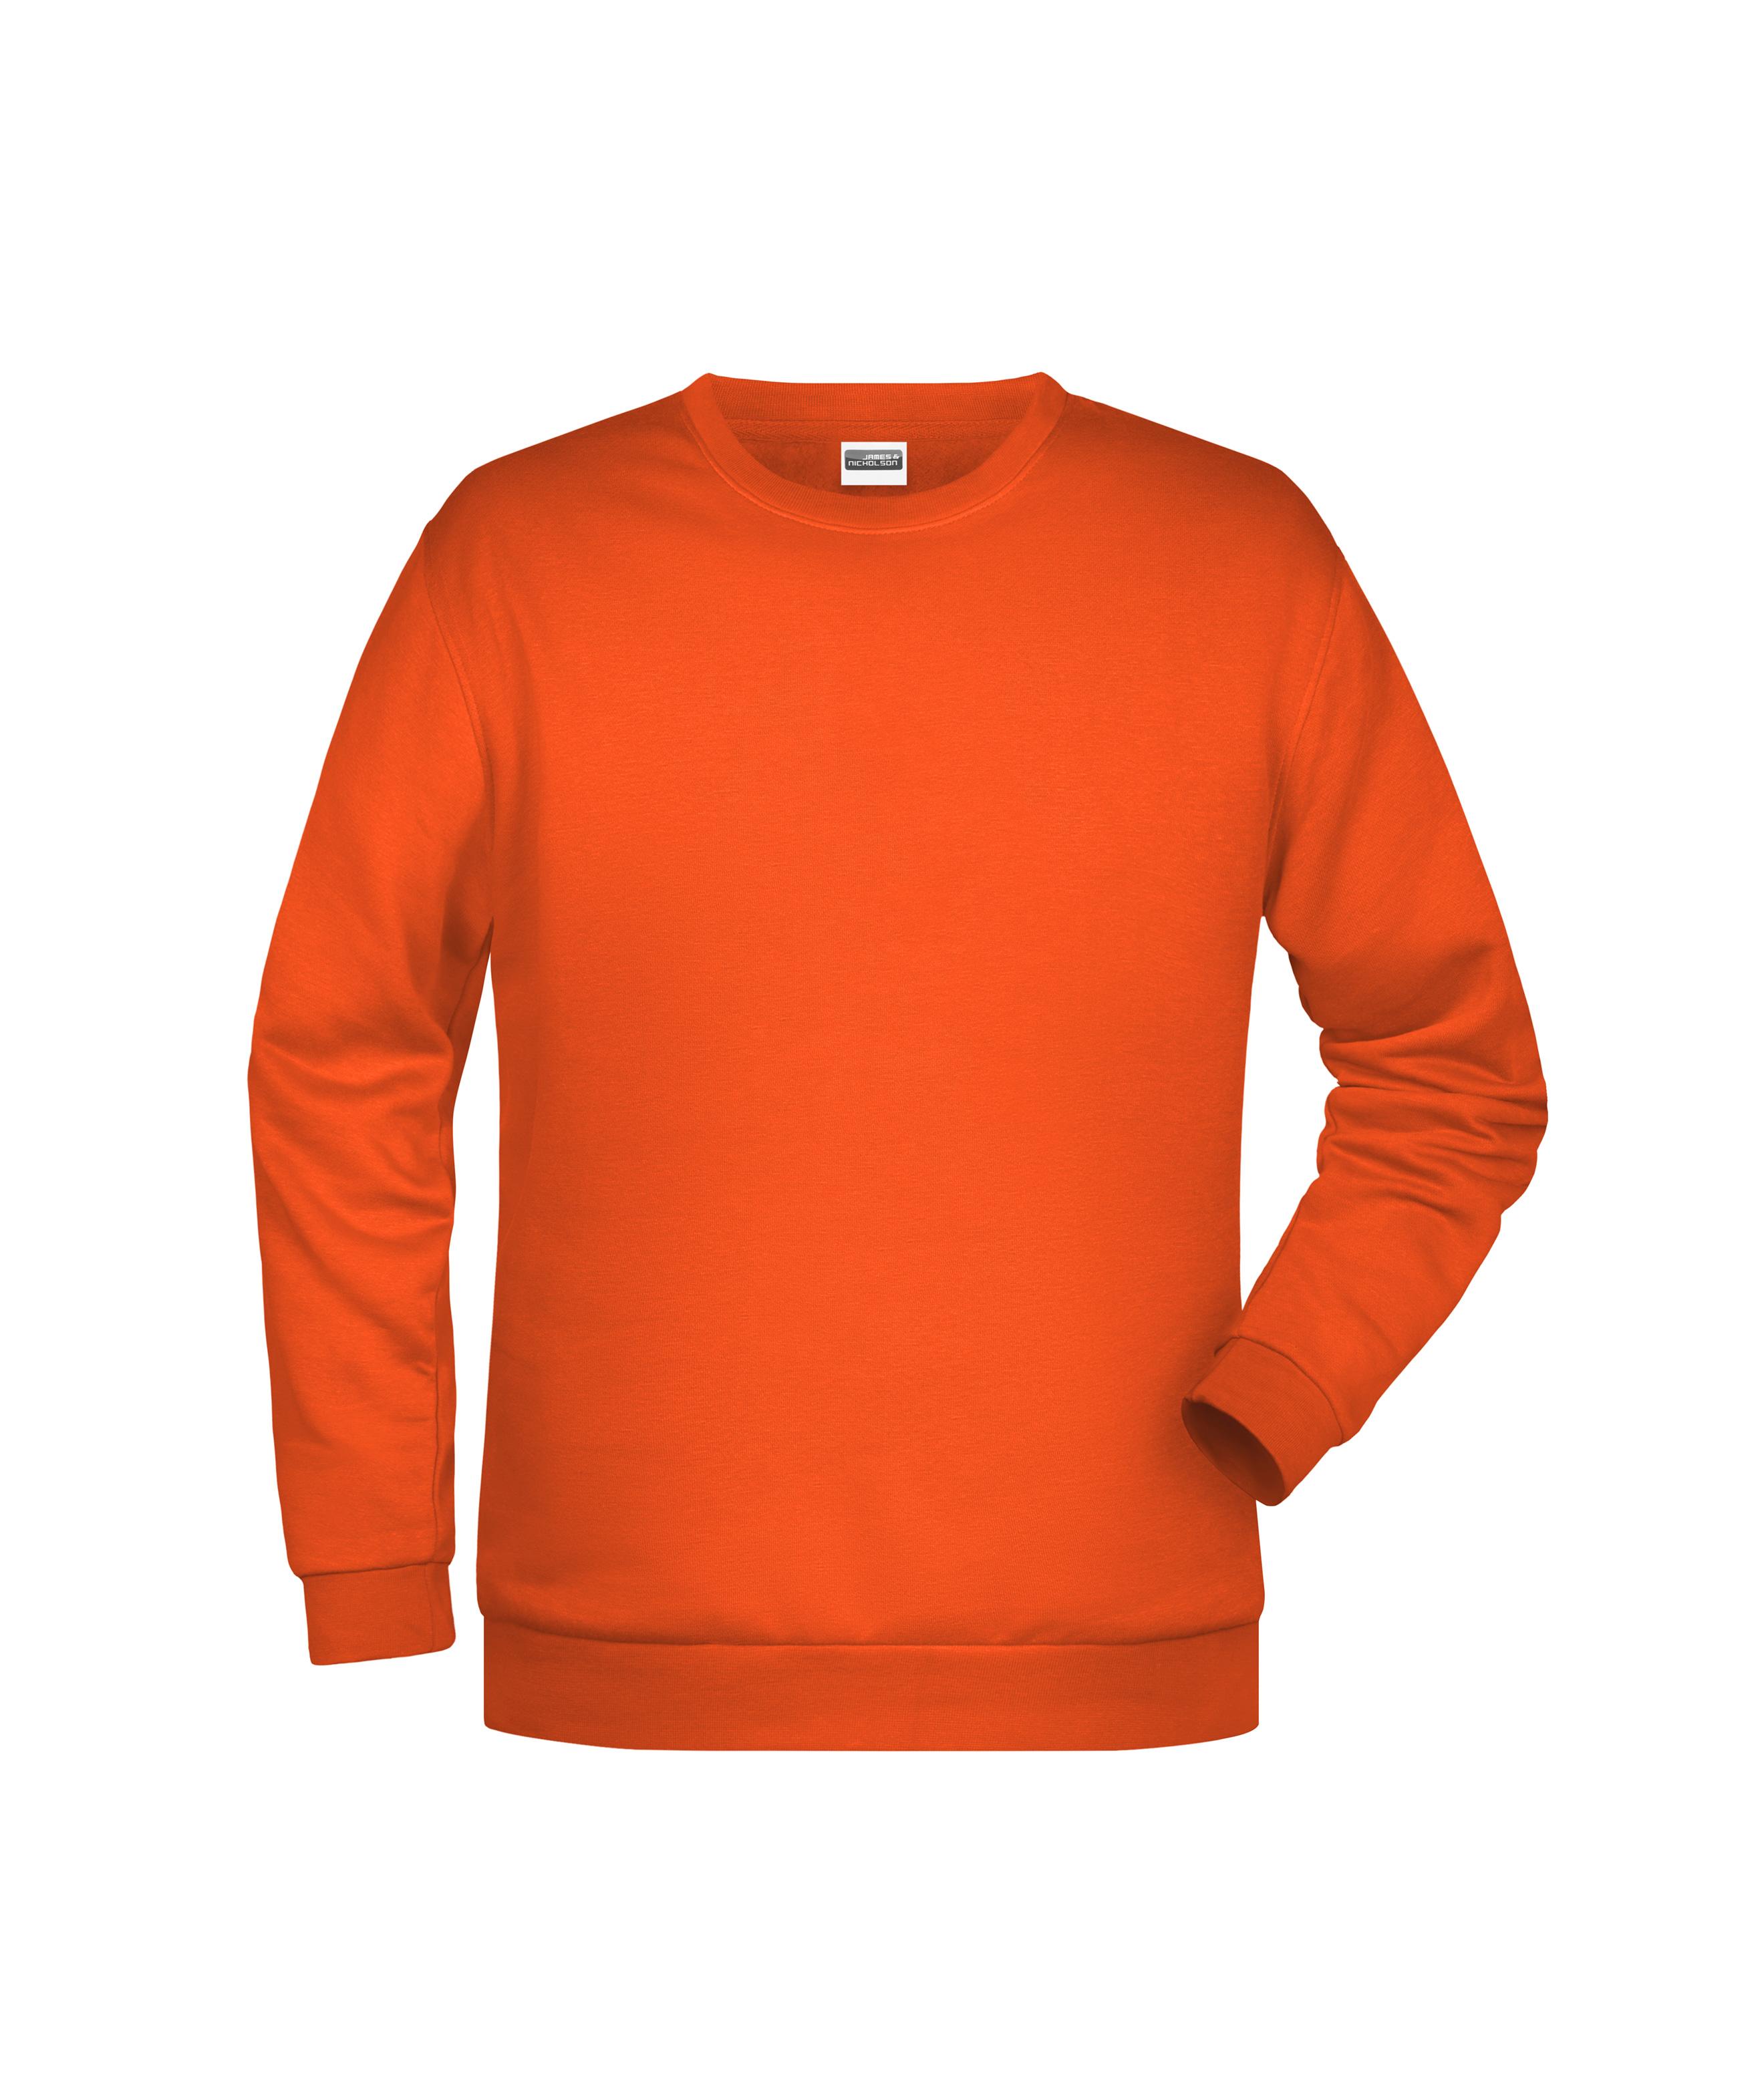 Klassisches Rundhals Sweatshirt für Herren